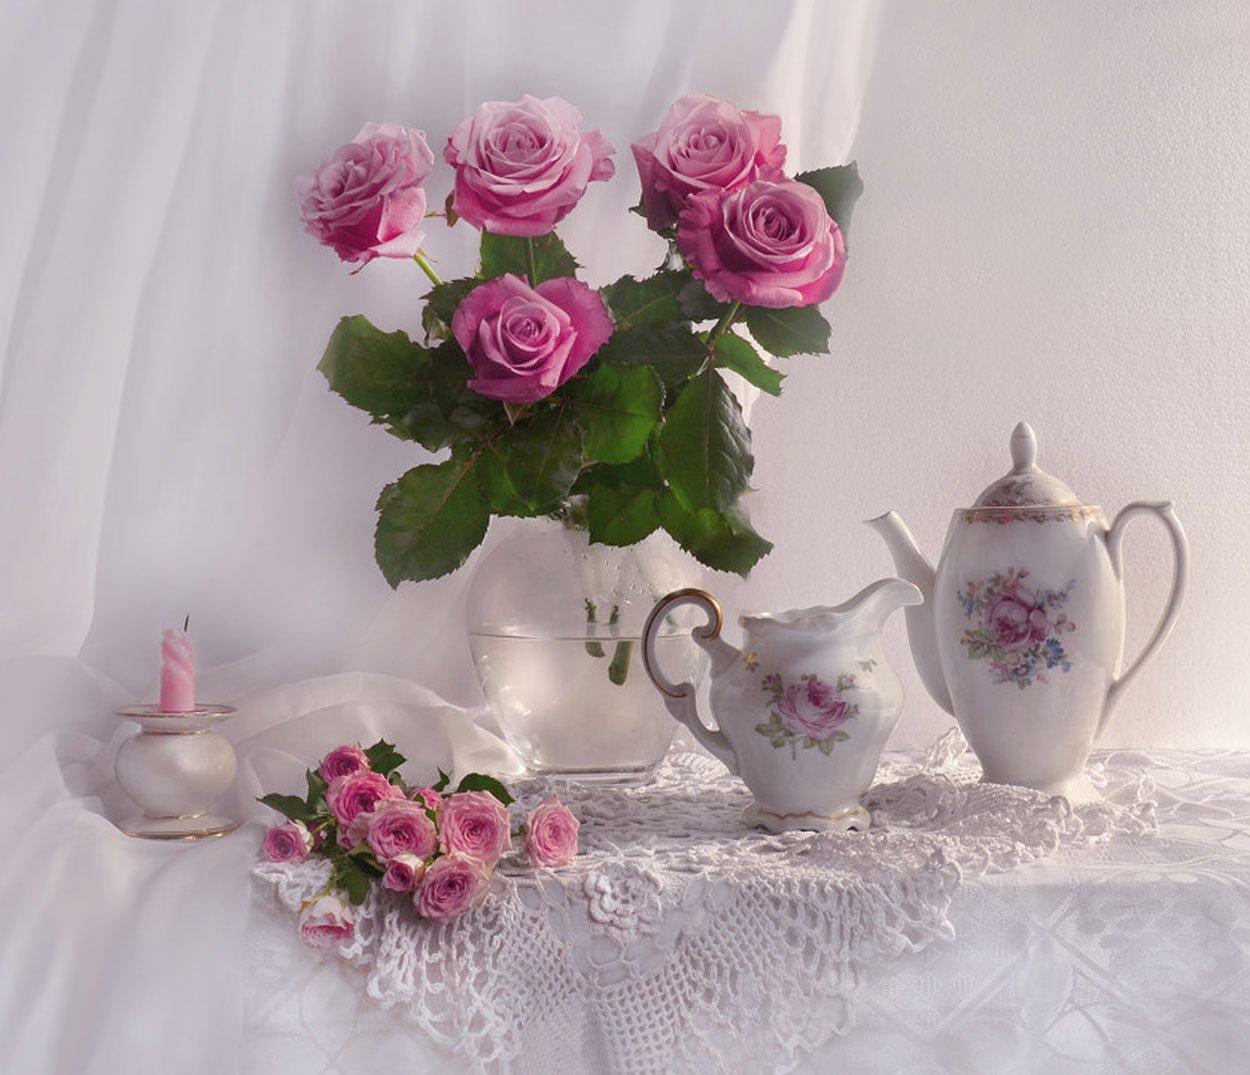 still life,натюрморт,фото натюрморт,осень, ноябрь, розы, цветы, фарфор,свеча, подсвечник, Колова Валентина